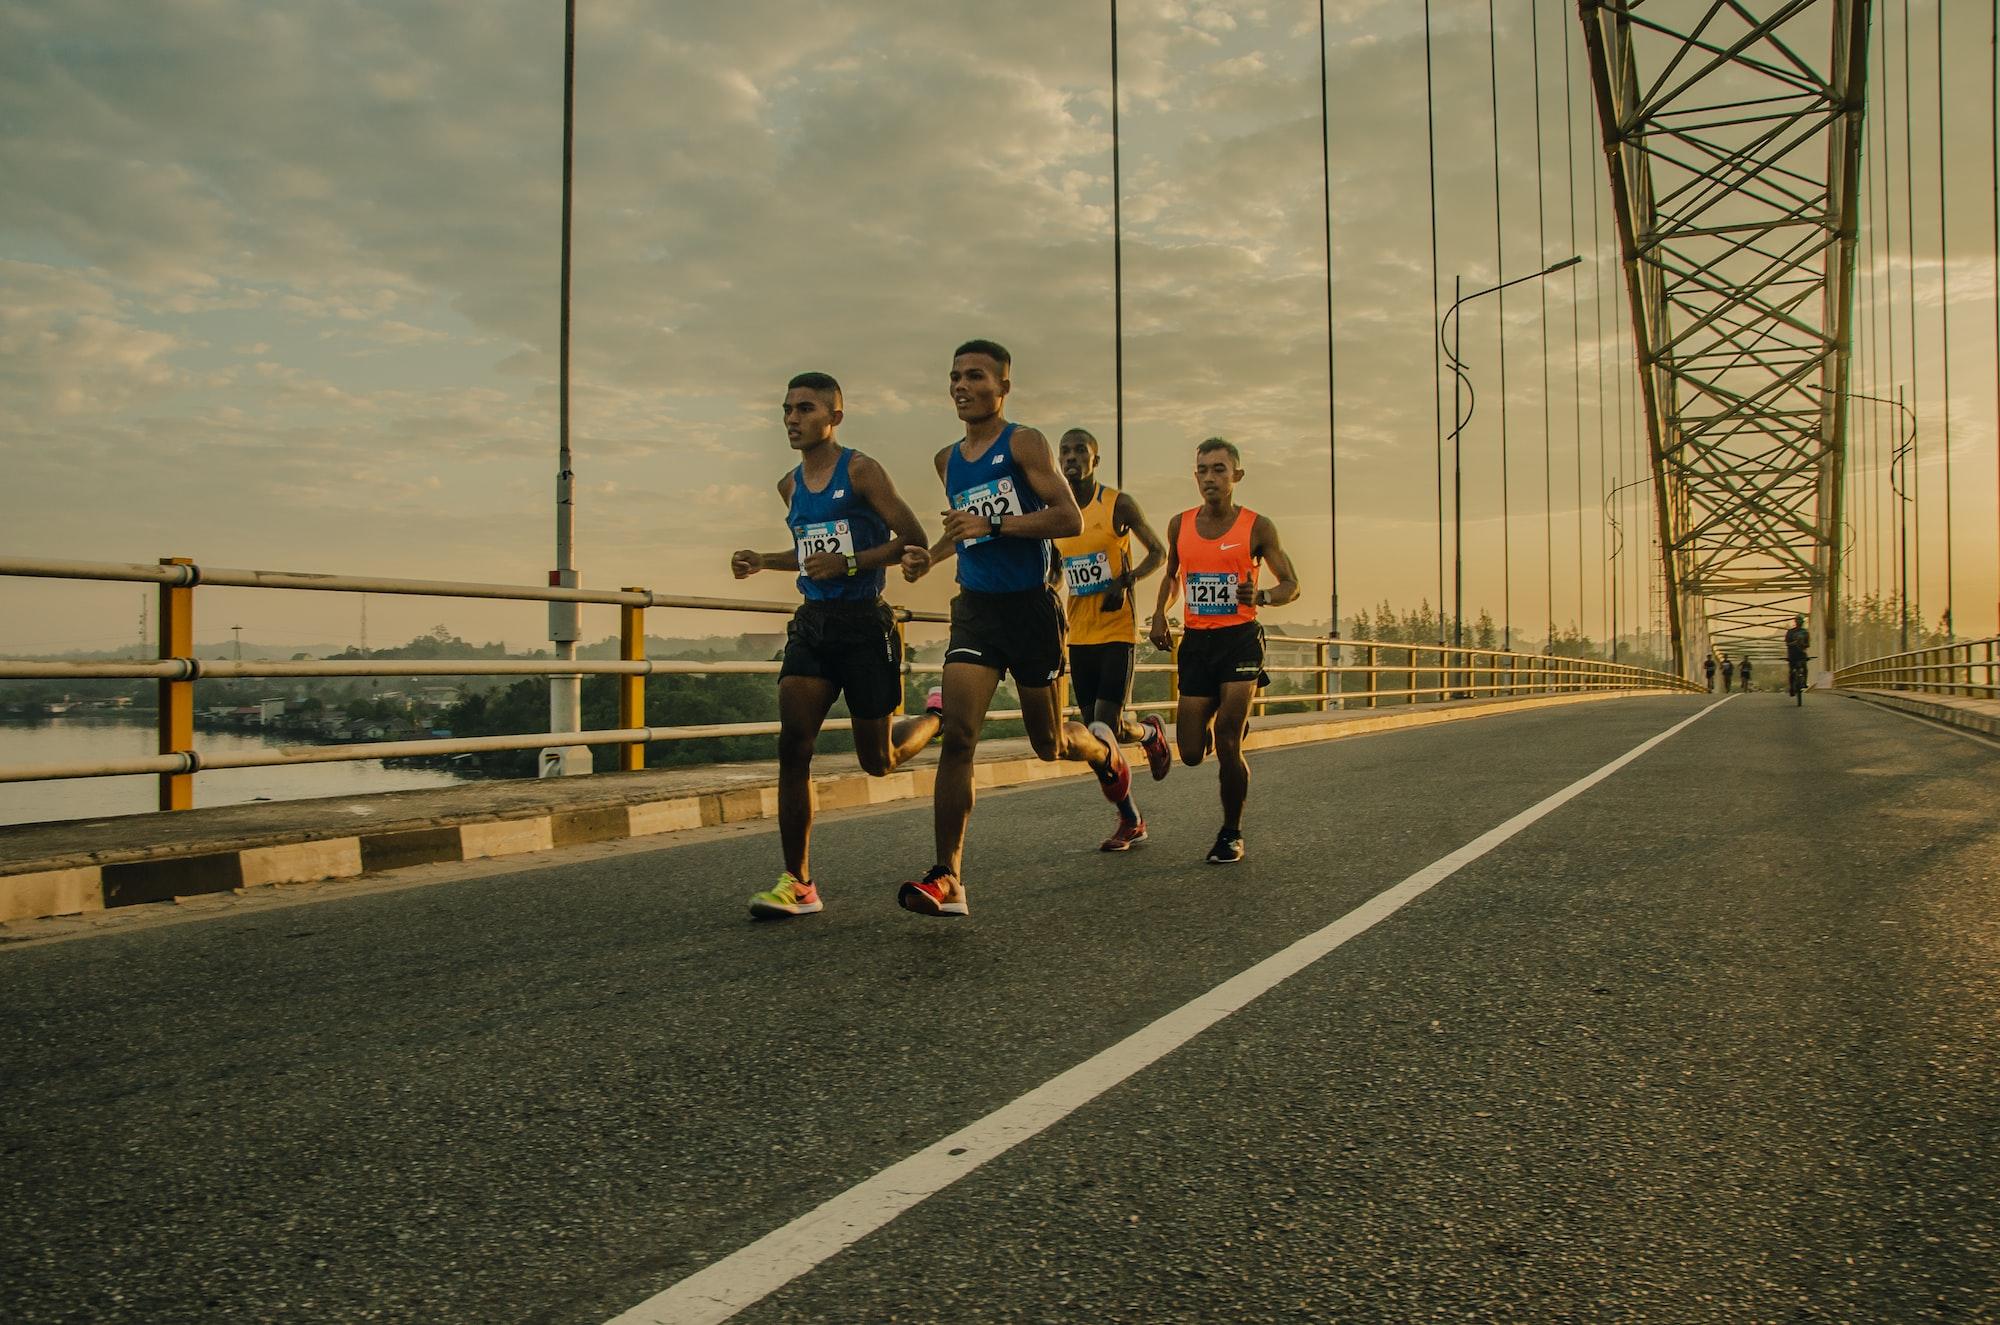 วิ่งยาวอย่างไร ให้ได้ตามเป้าหมาย